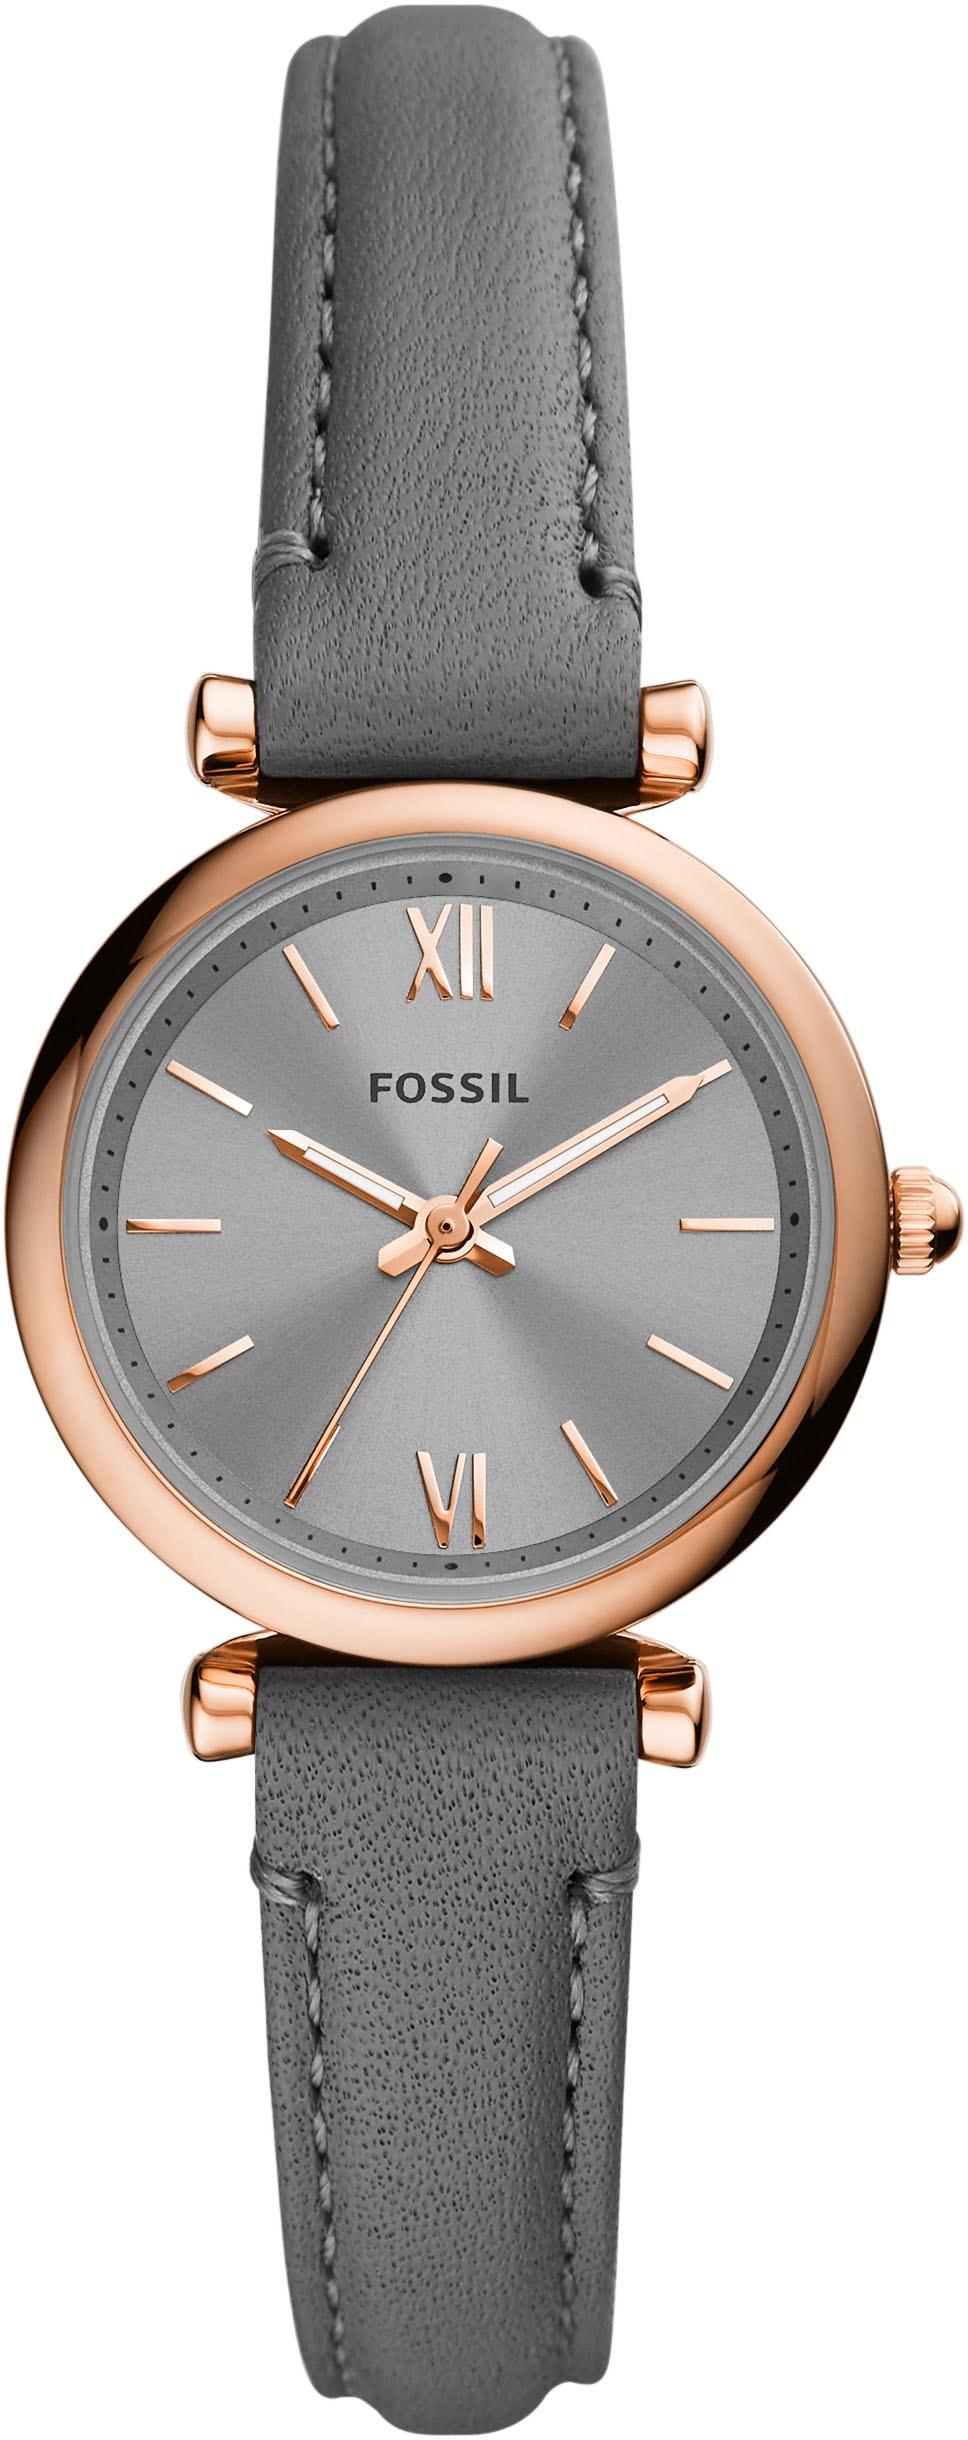 Fossil Quarzuhr CARLIE MINI, ES5068, (1 tlg.) günstig online kaufen